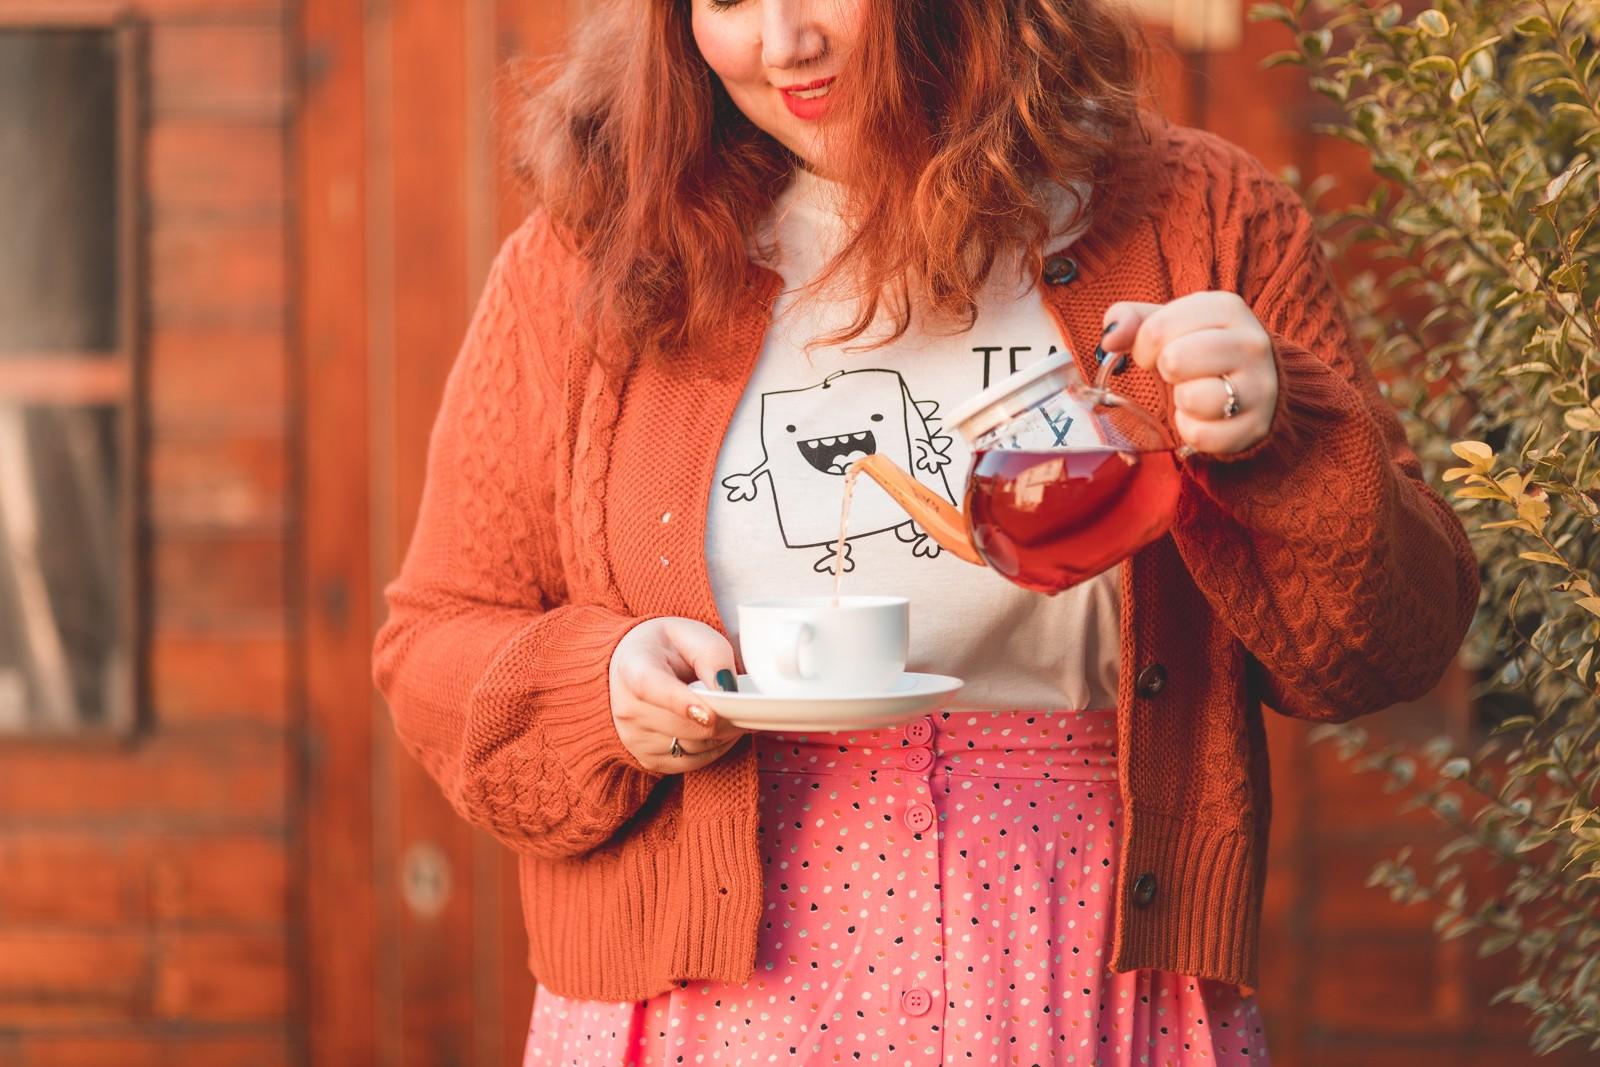 pause thé, thé, développement personnel, décore, ninaah bulles, maison, lifestyle, nature morte, cocooning